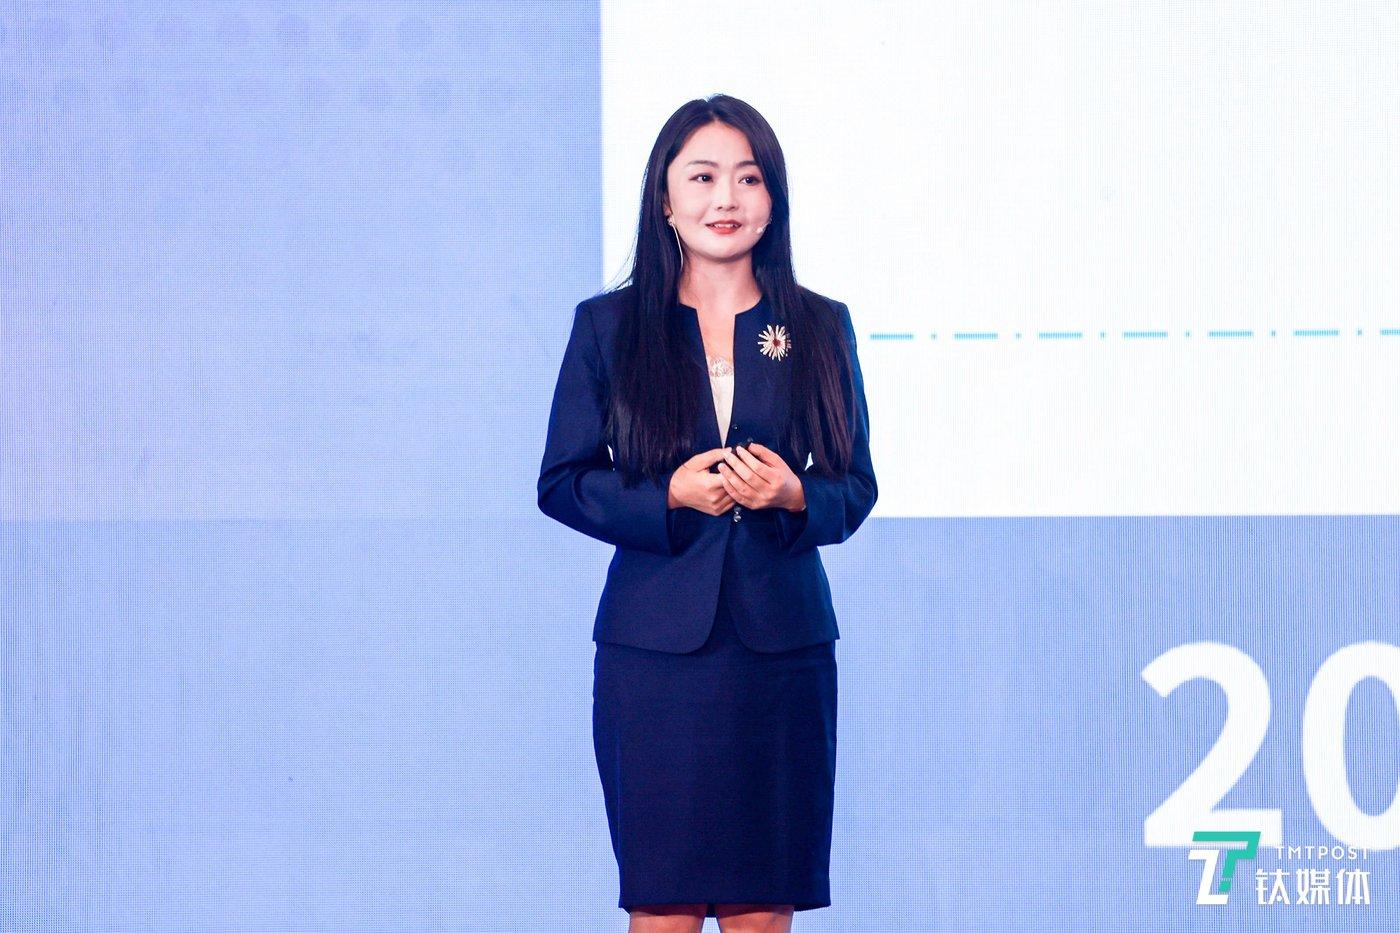 北京科技大学文法学院副教授张凌寒